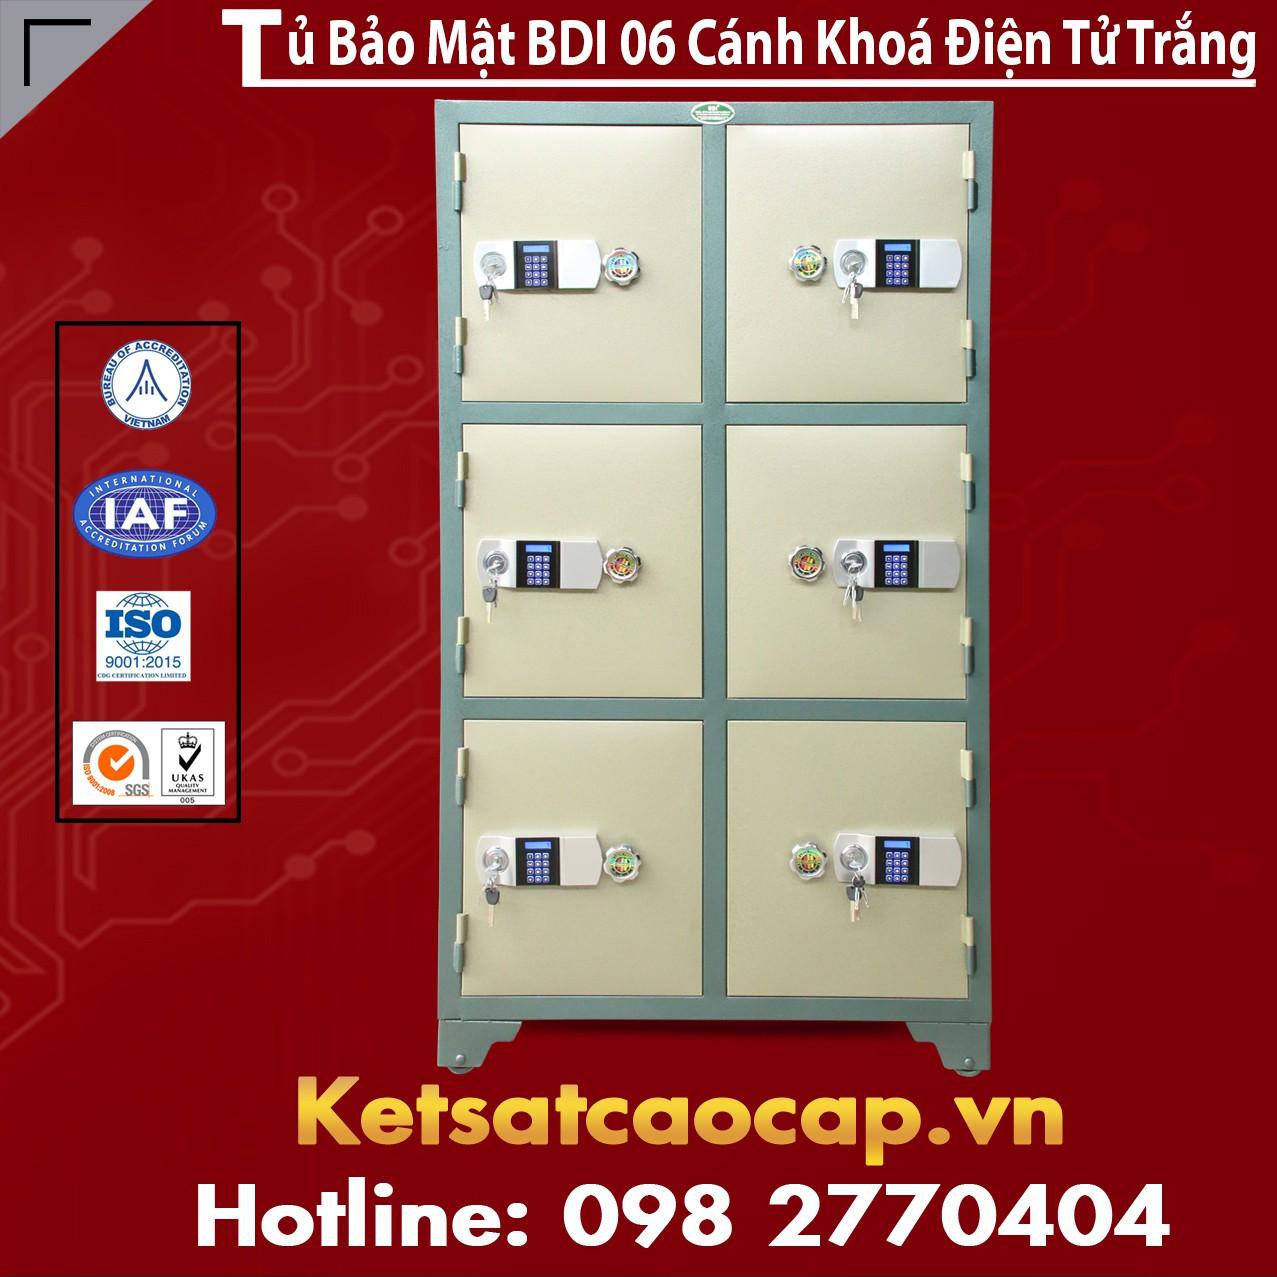 Tủ Bảo Mật BDI 06 Cánh Điện Tử Trắng